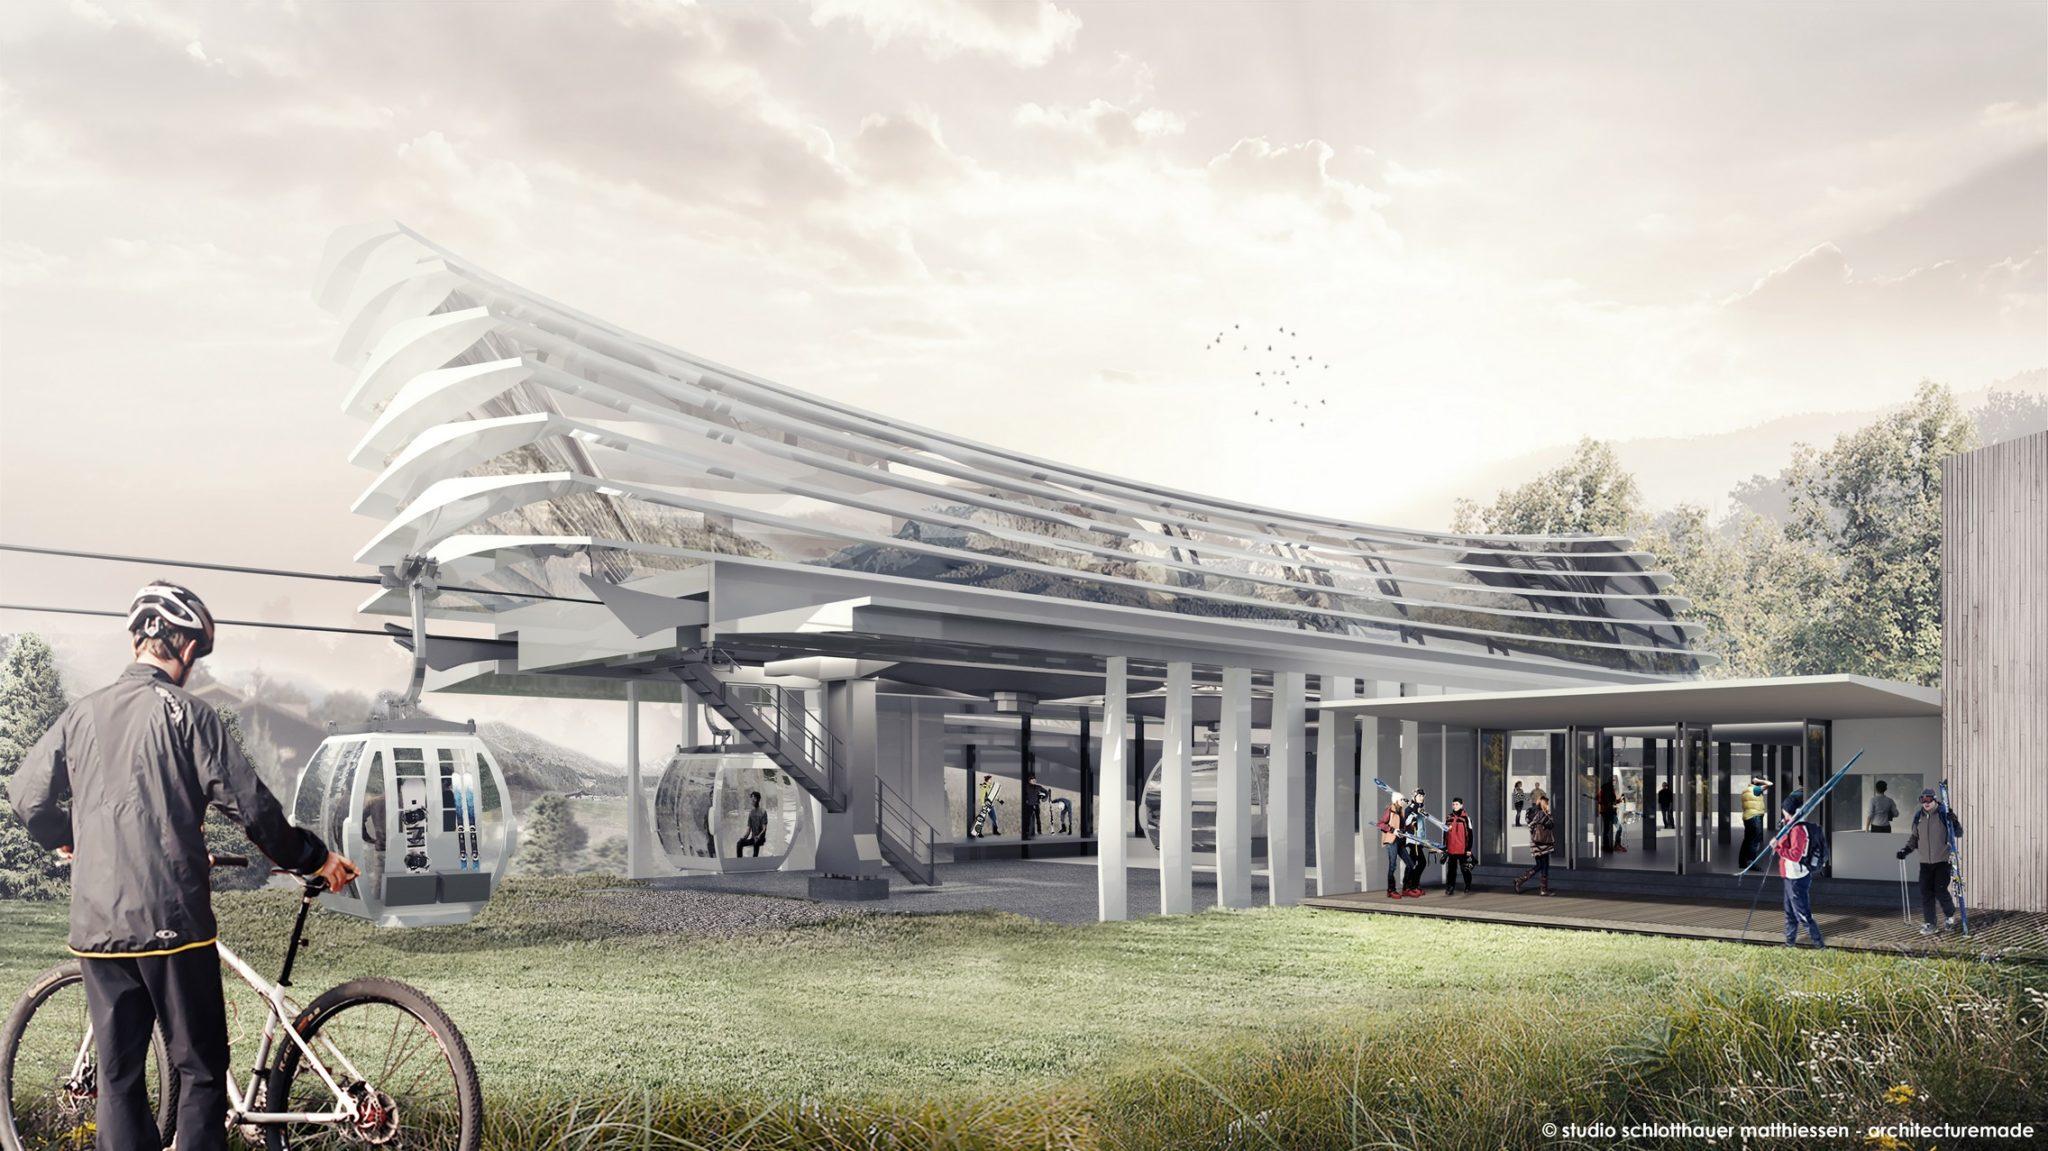 Olang 1 + 2: La nuova stazione. rendering © schlotthauer matthiessen architecturemade